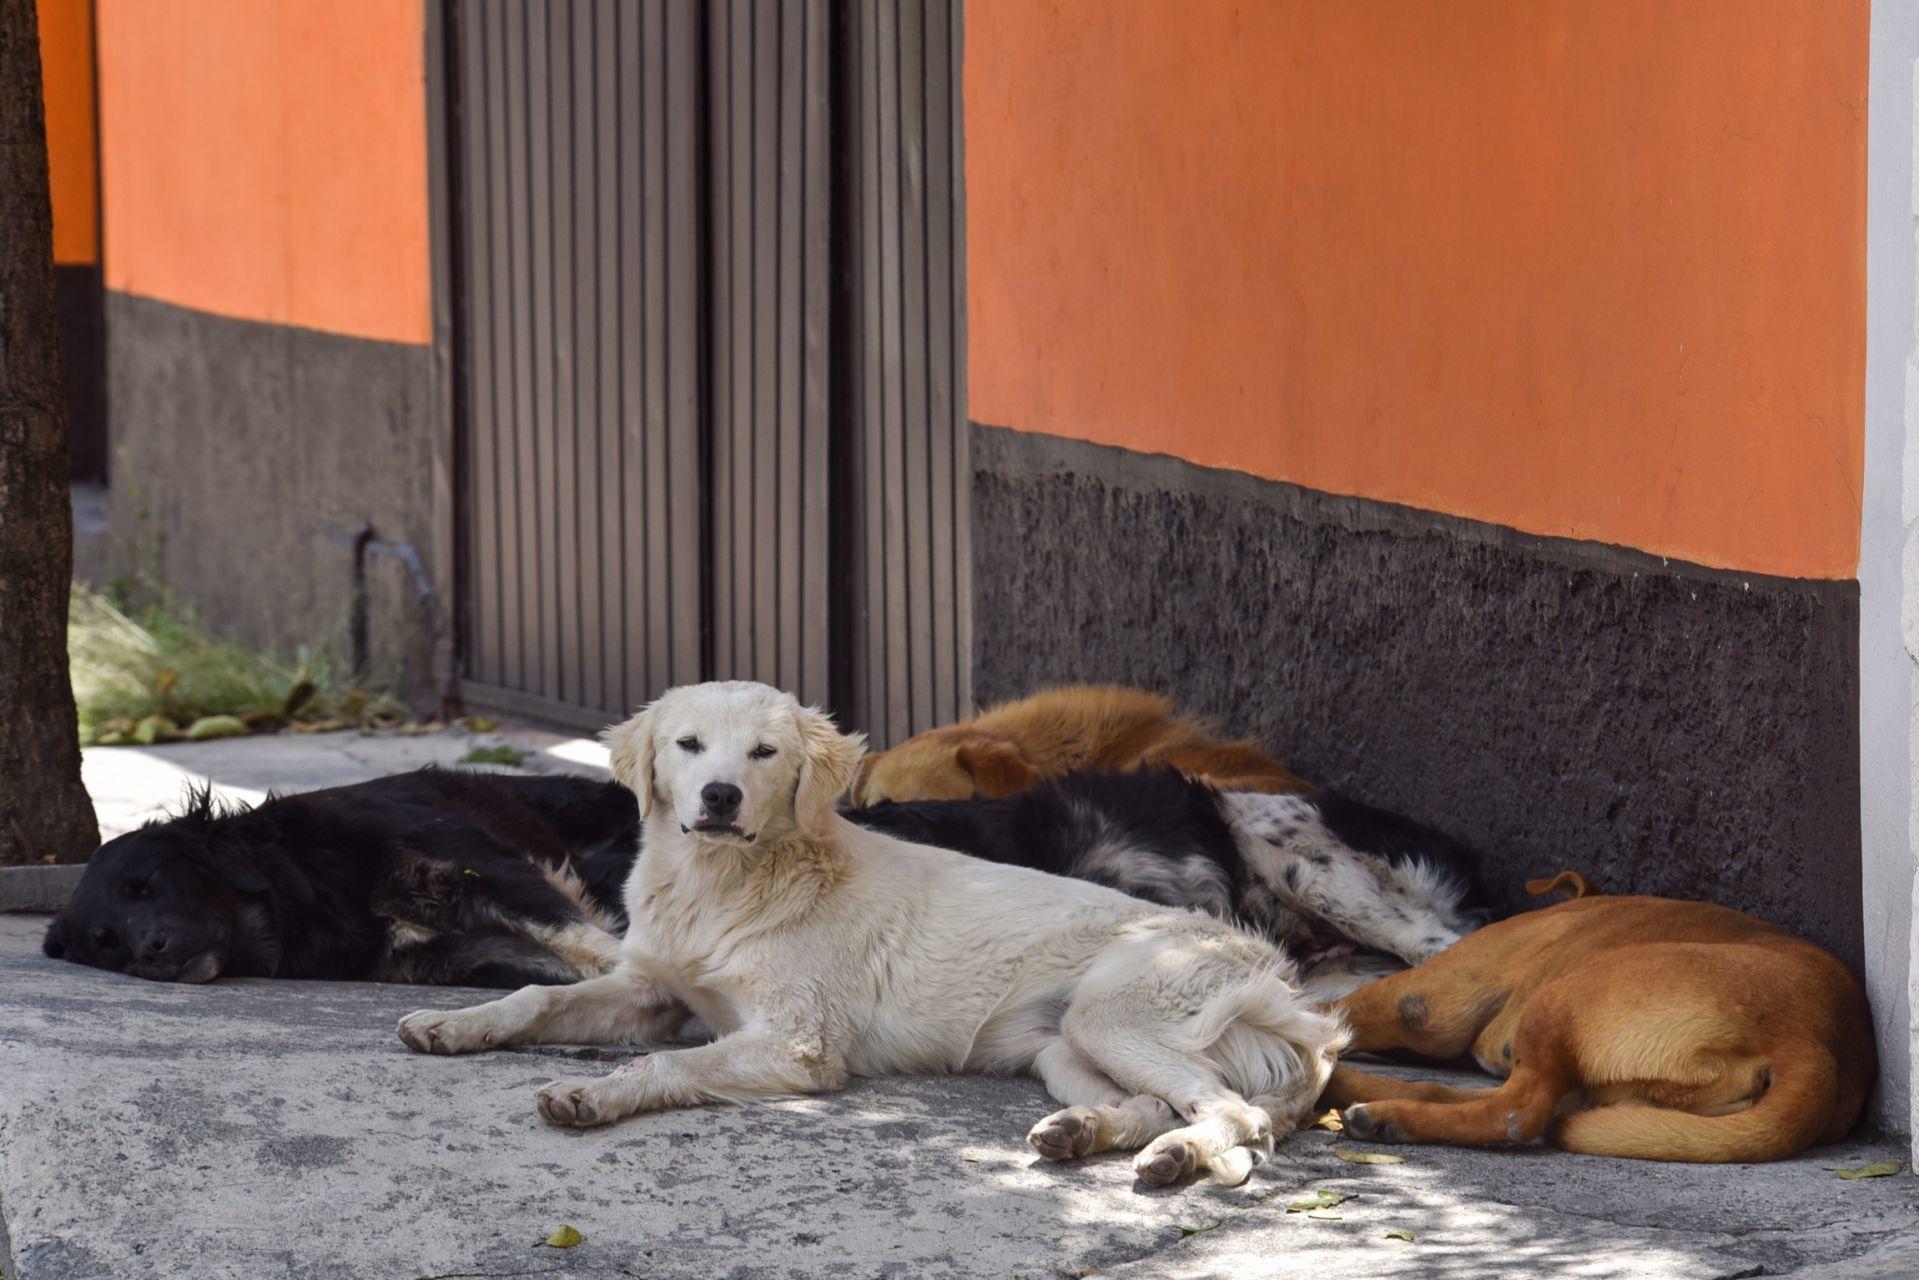 Mundo enfermo y triste: Reportan envenenamiento masivo de perritos en Veracruz